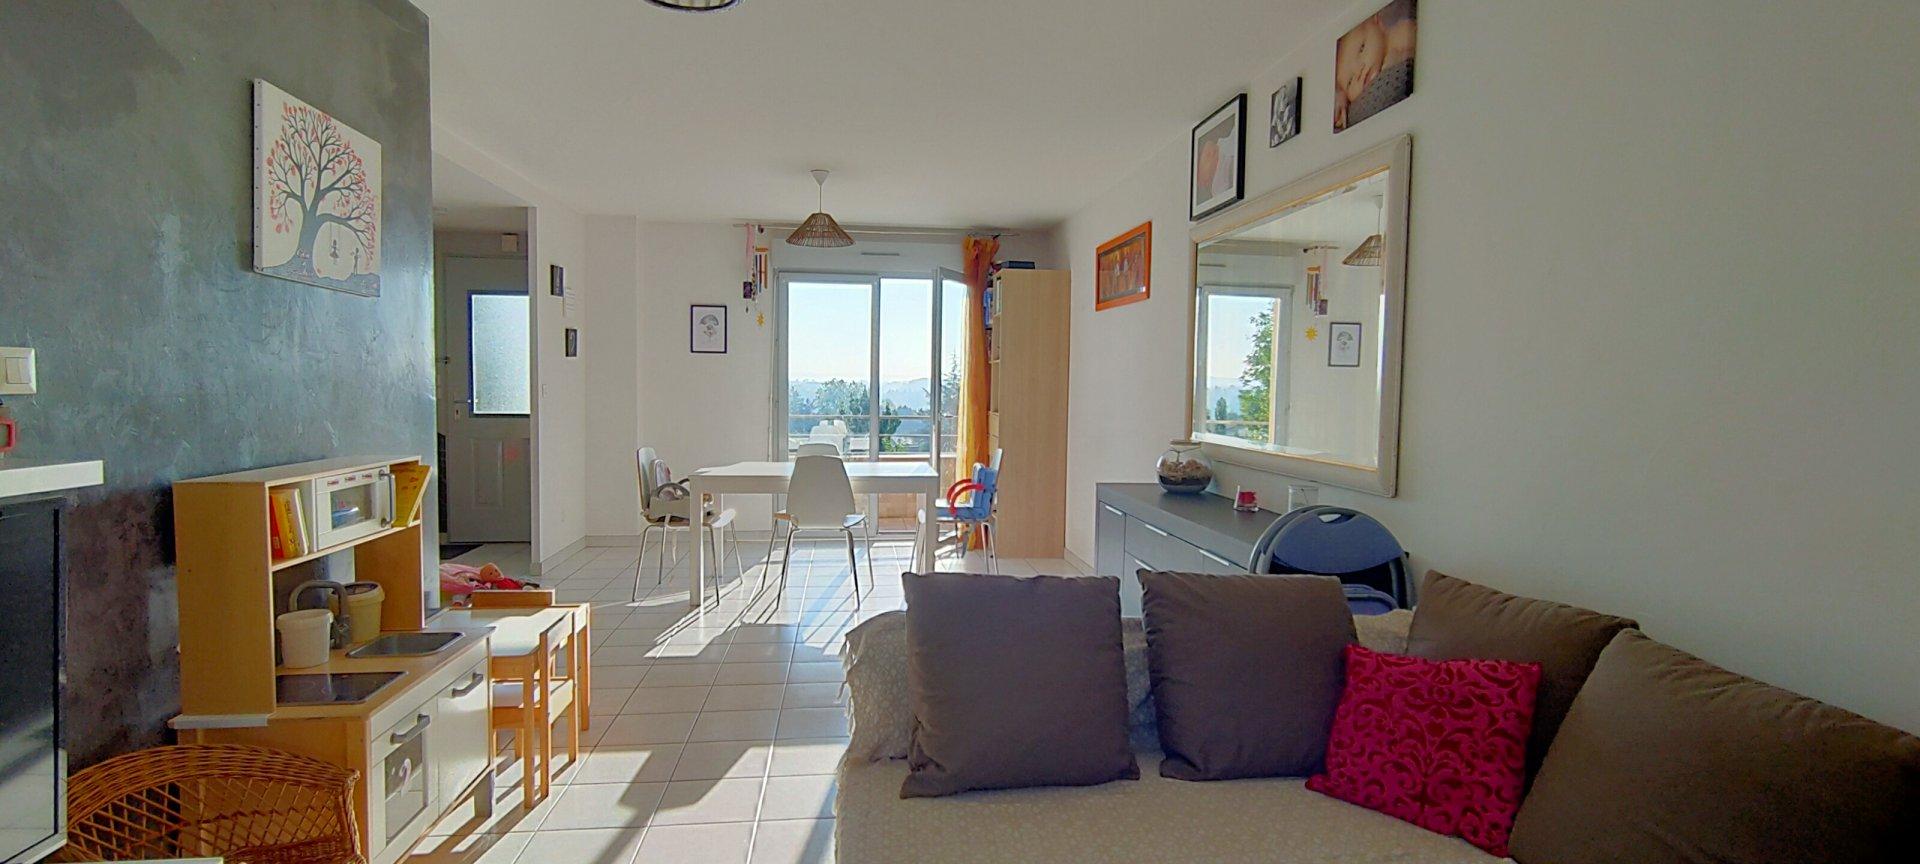 Appartement 3 Chambres avec jardin, garage et parking